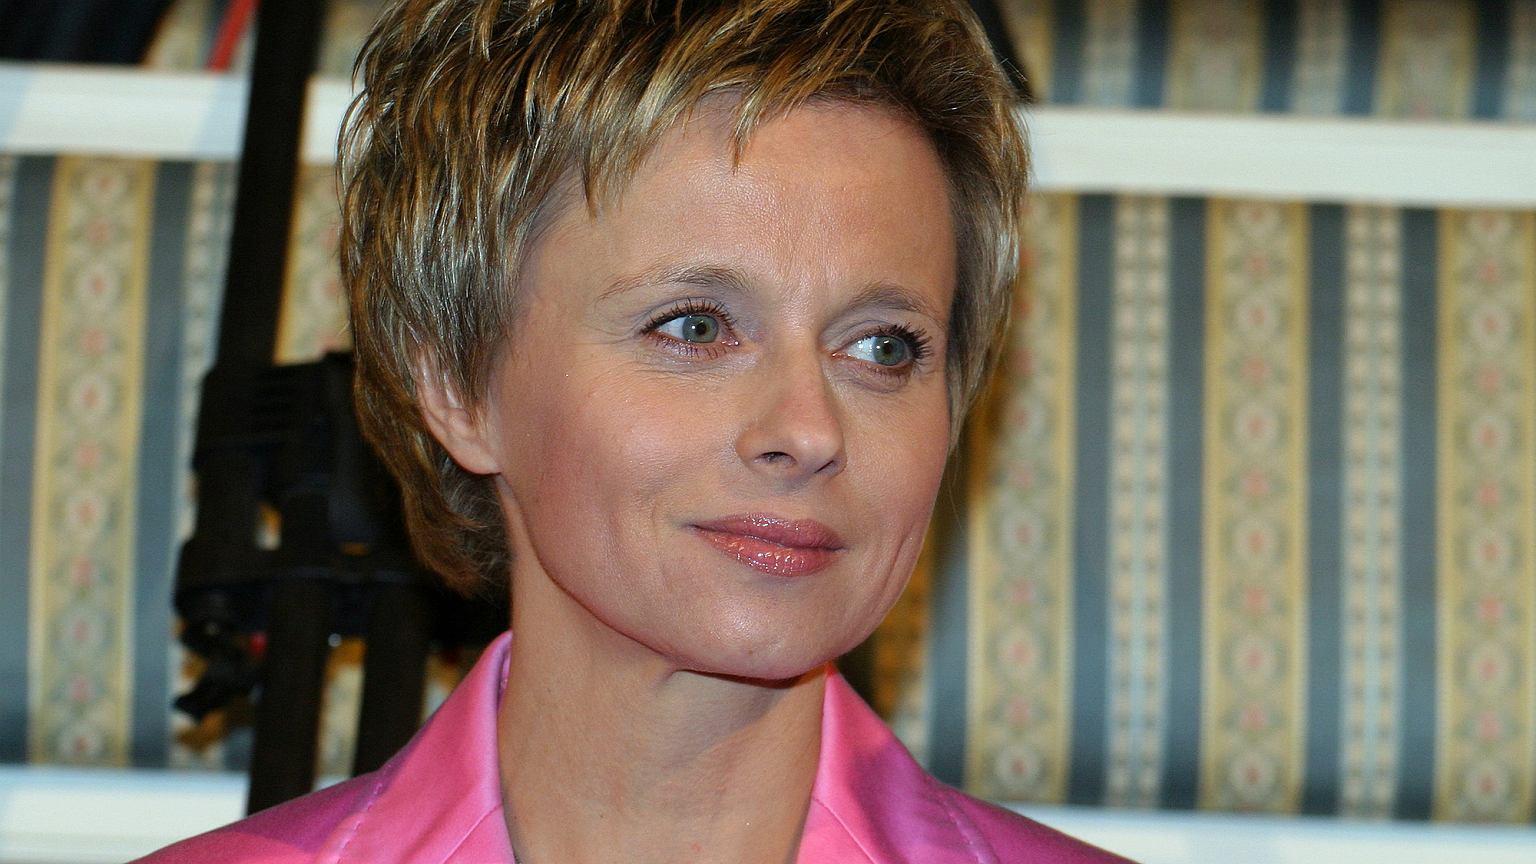 Jolanta Pieńkowska zanim została sławna, była stewardessą. Joanna Kulig za to śpiewała na dansingach. Poznajcie pierwsze prace gwiazd